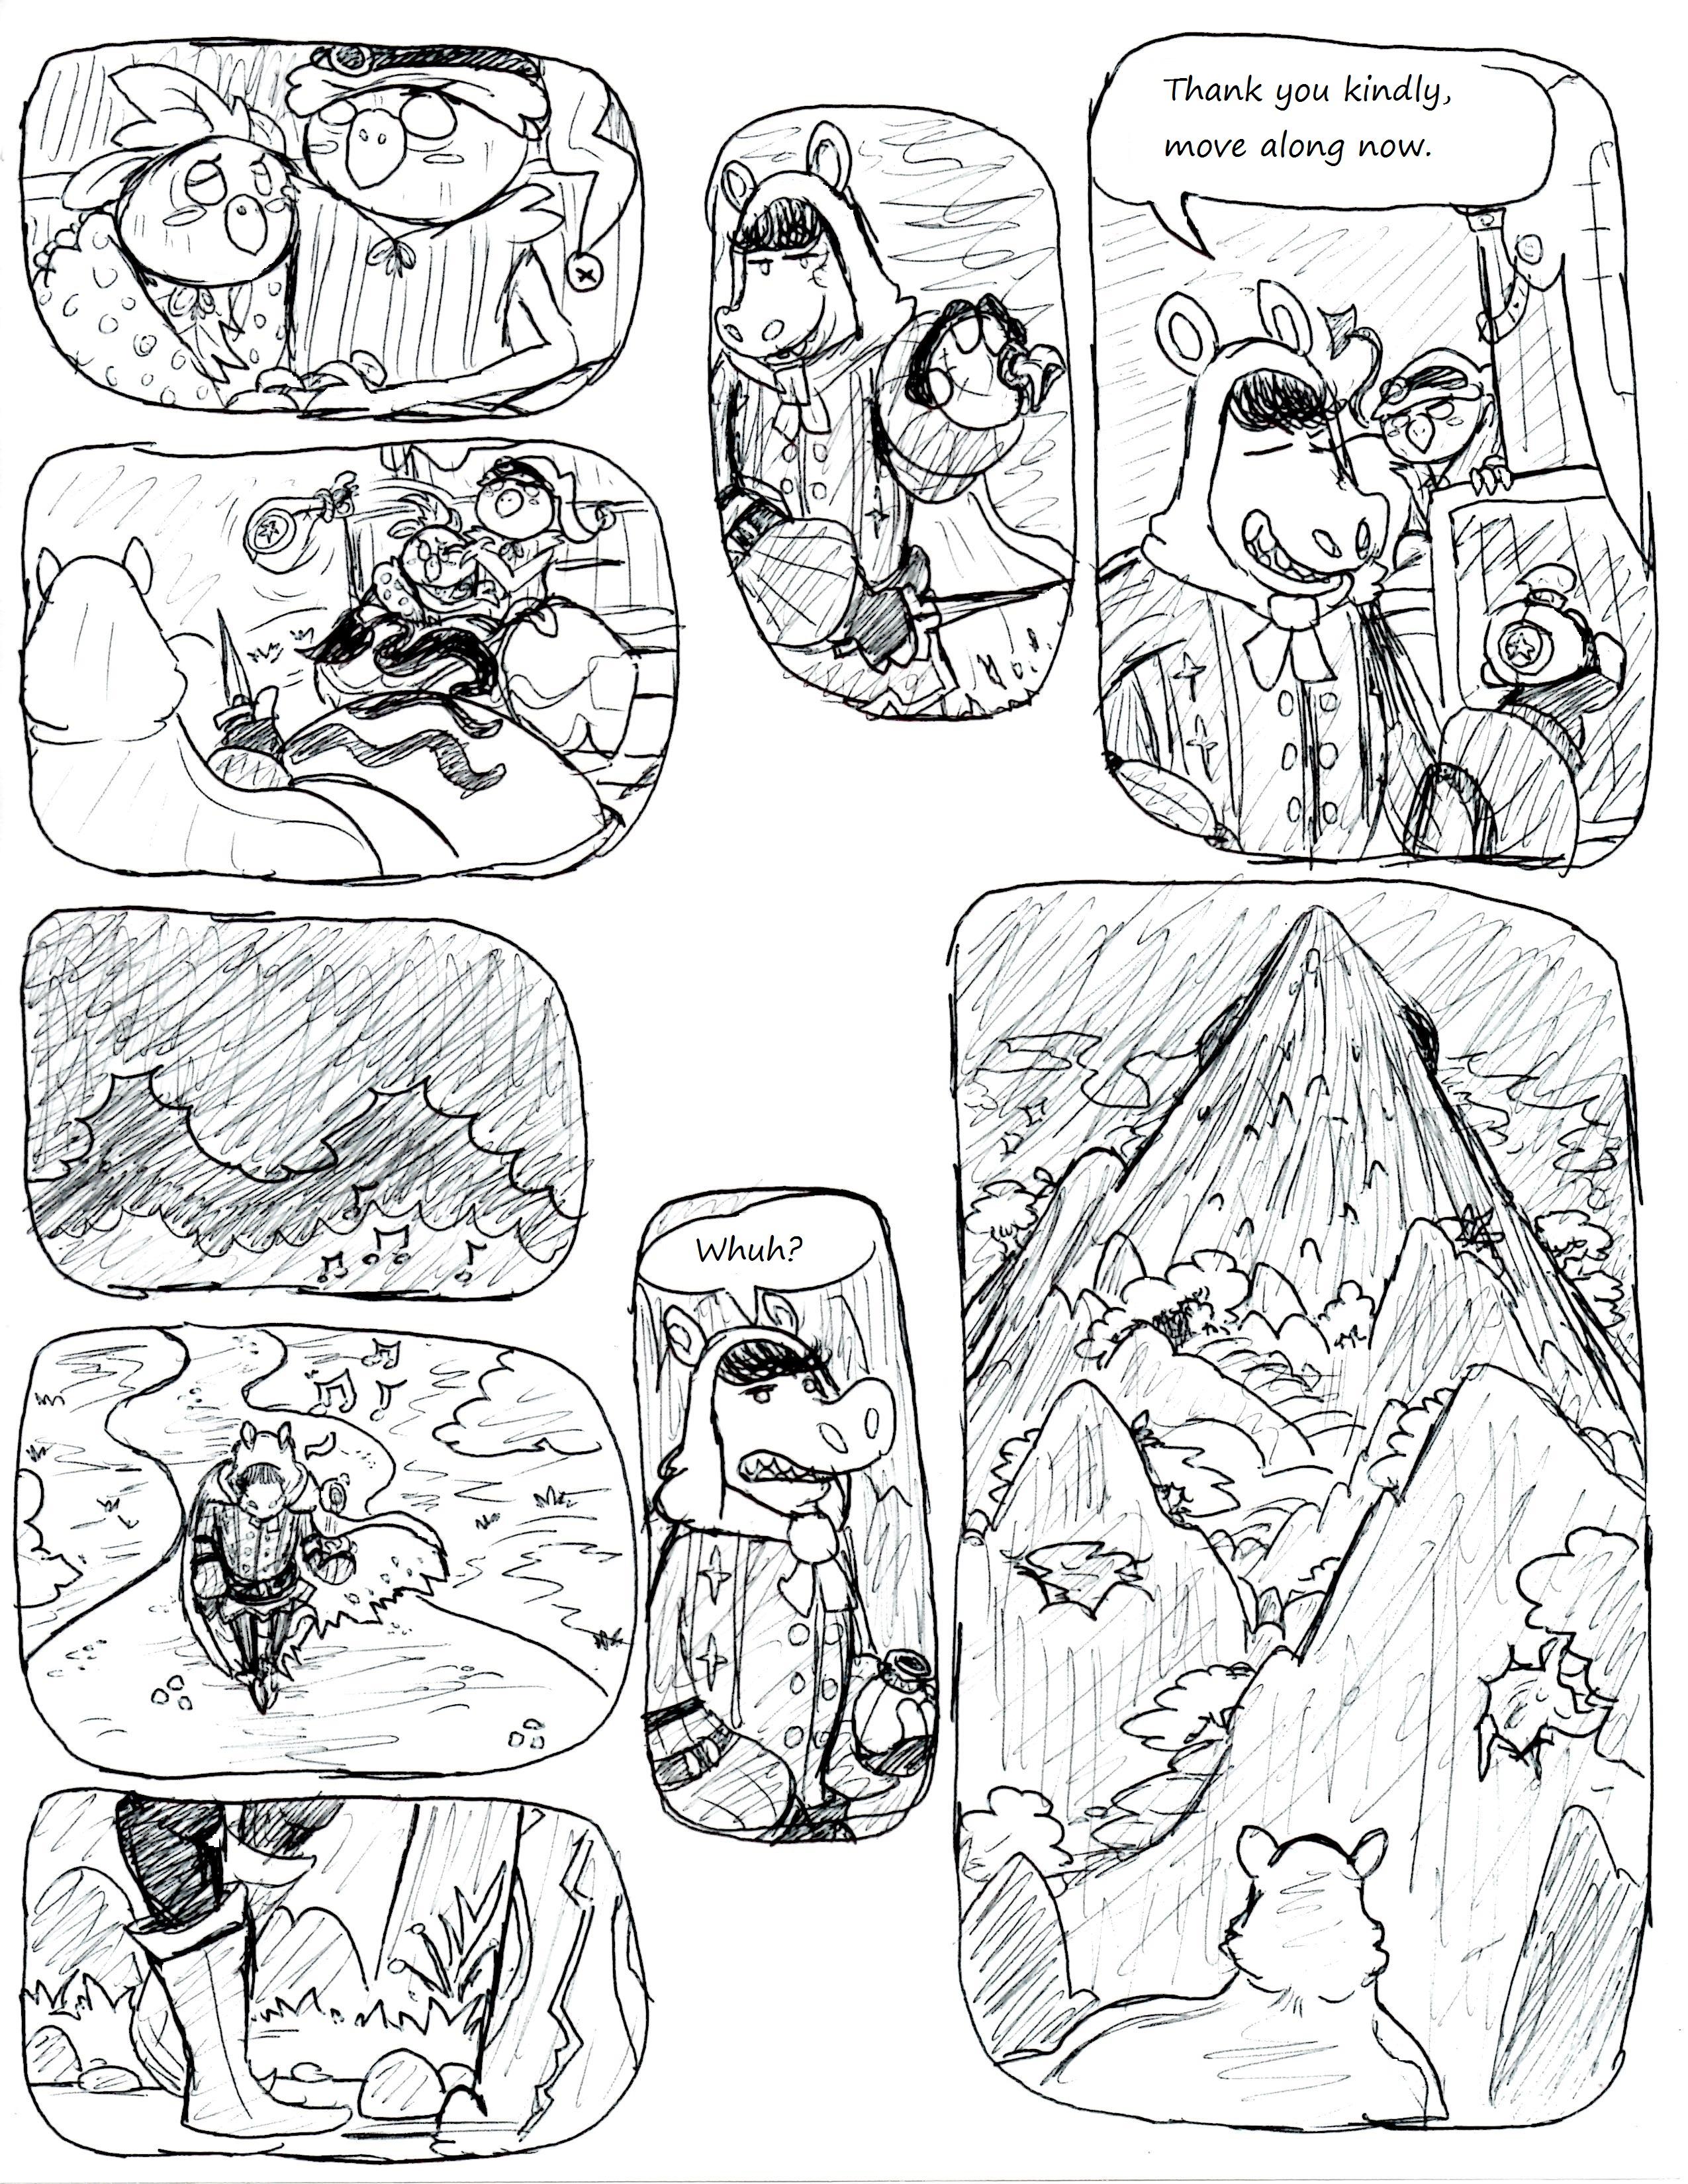 COV8 Page 2